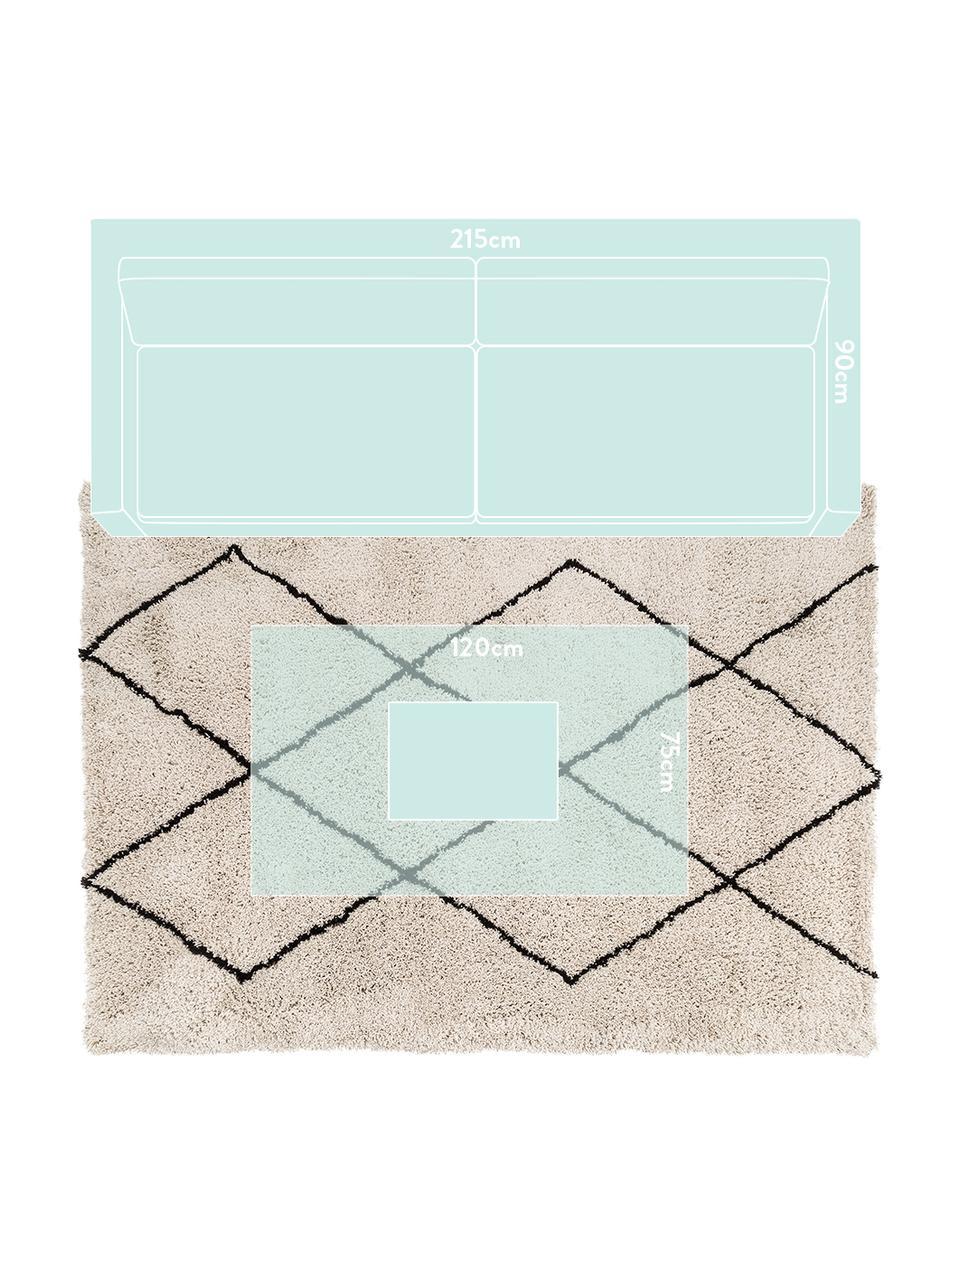 Flauschiger Hochflor-Teppich Nouria, handgetuftet, Flor: 100% Polyester, Beige, Schwarz, B 160 x L 230 cm (Größe M)